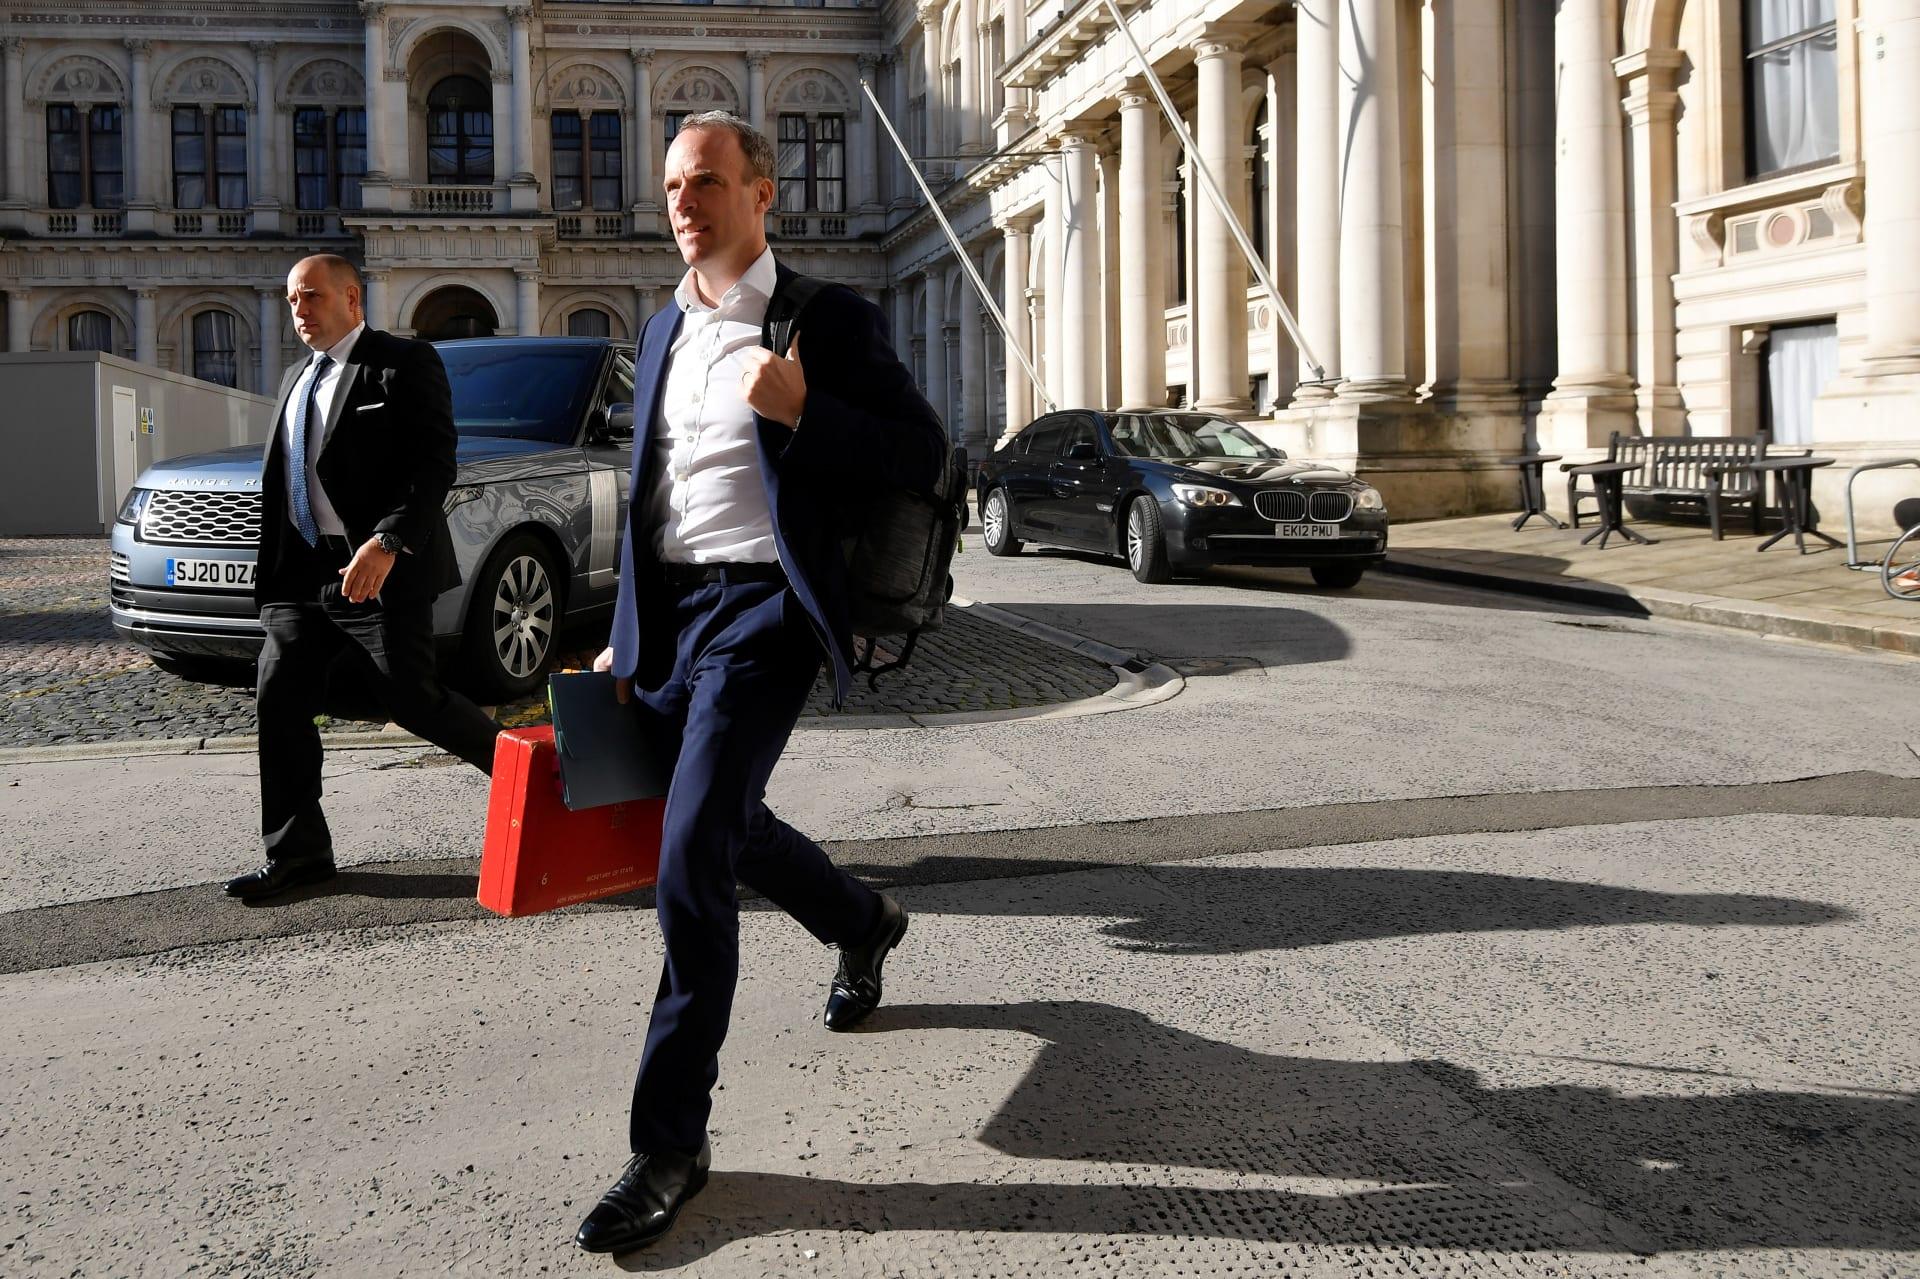 وقف ضابط بطاقم حماية وزير خارجية بريطانيا عن العمل لتركه مسدس في طائرة